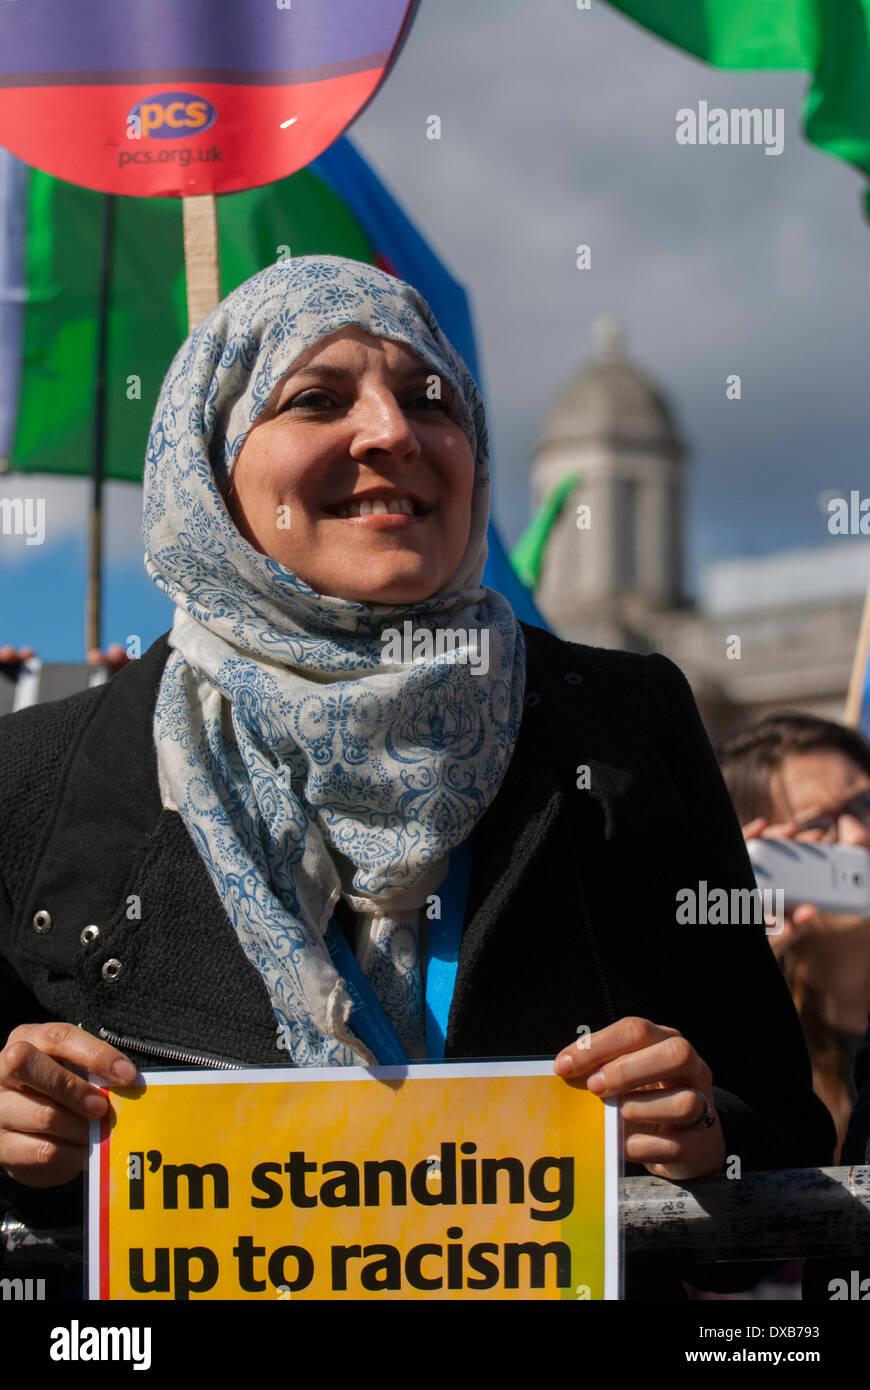 Londra, Regno Unito. Il 22 marzo 2014. Una donna al rally Anti-Racism ascolta per altoparlanti a Londra in Trafalgar Square. Credito: Peter Manning/Alamy Live News Immagini Stock